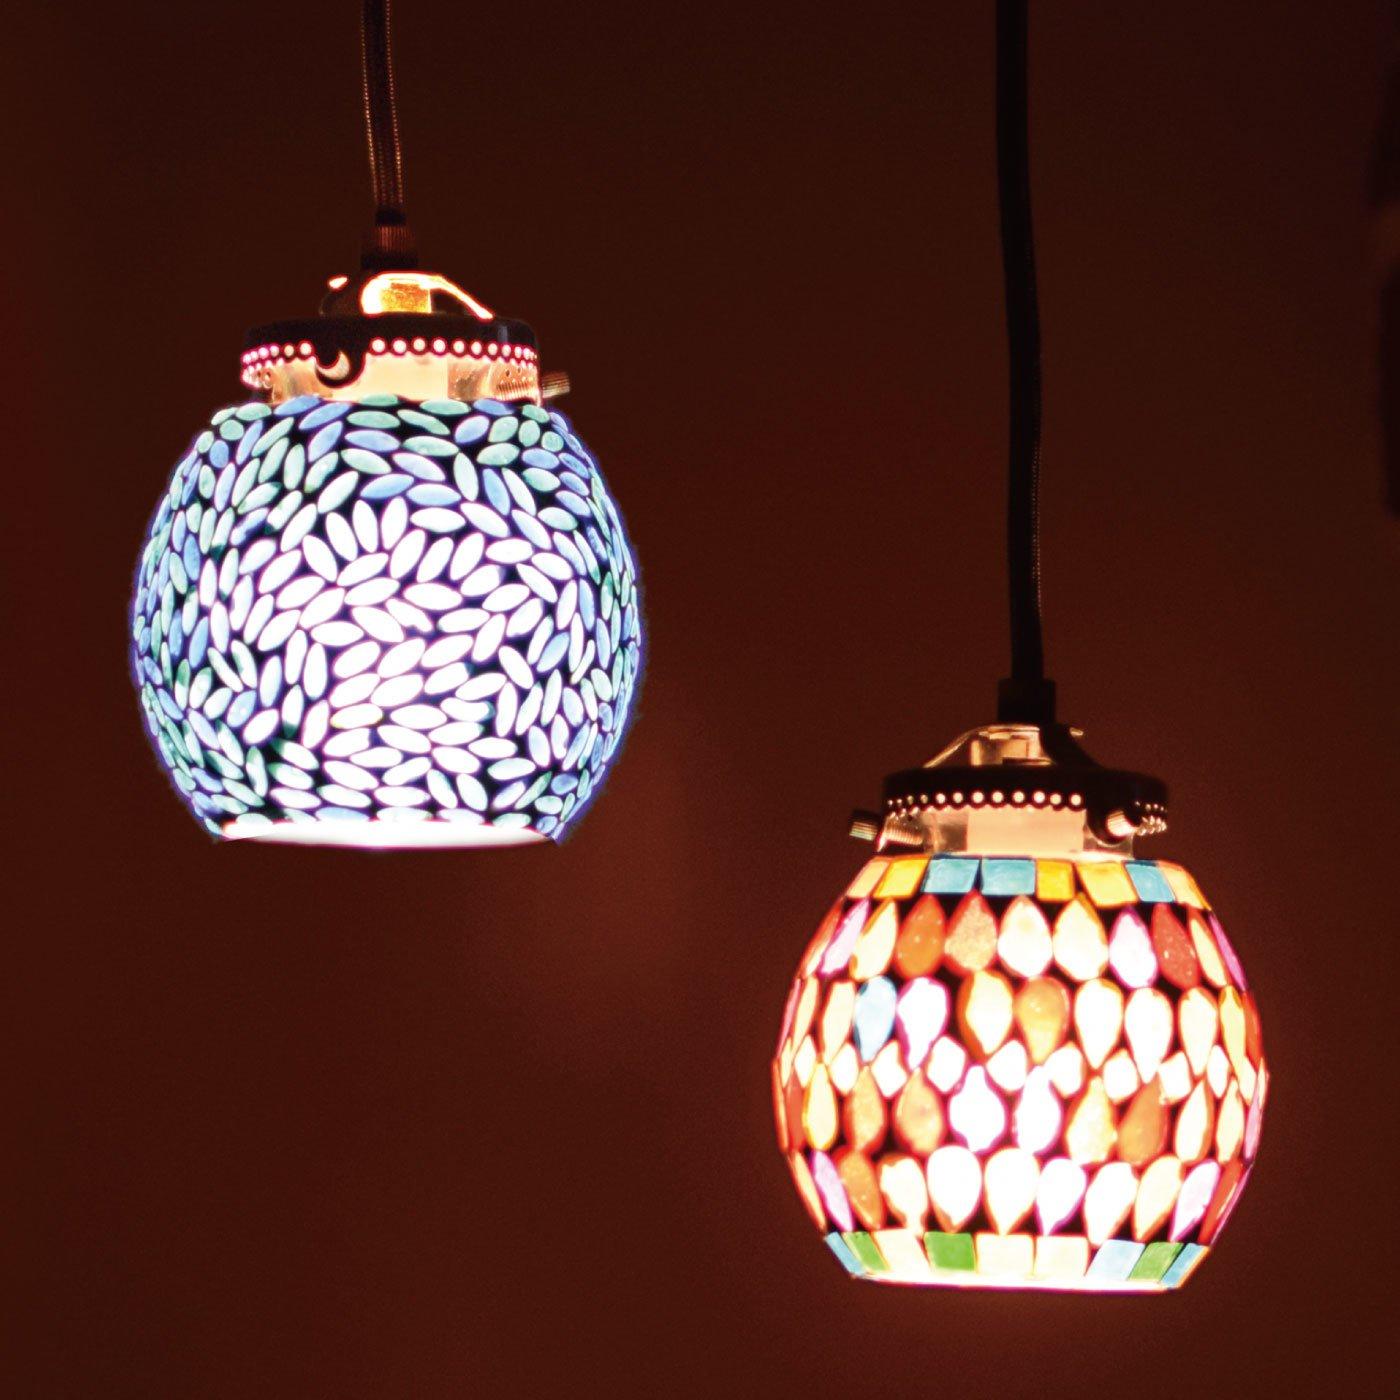 お部屋をエキゾチックに灯す モザイクハンギングランプ〈サークル〉